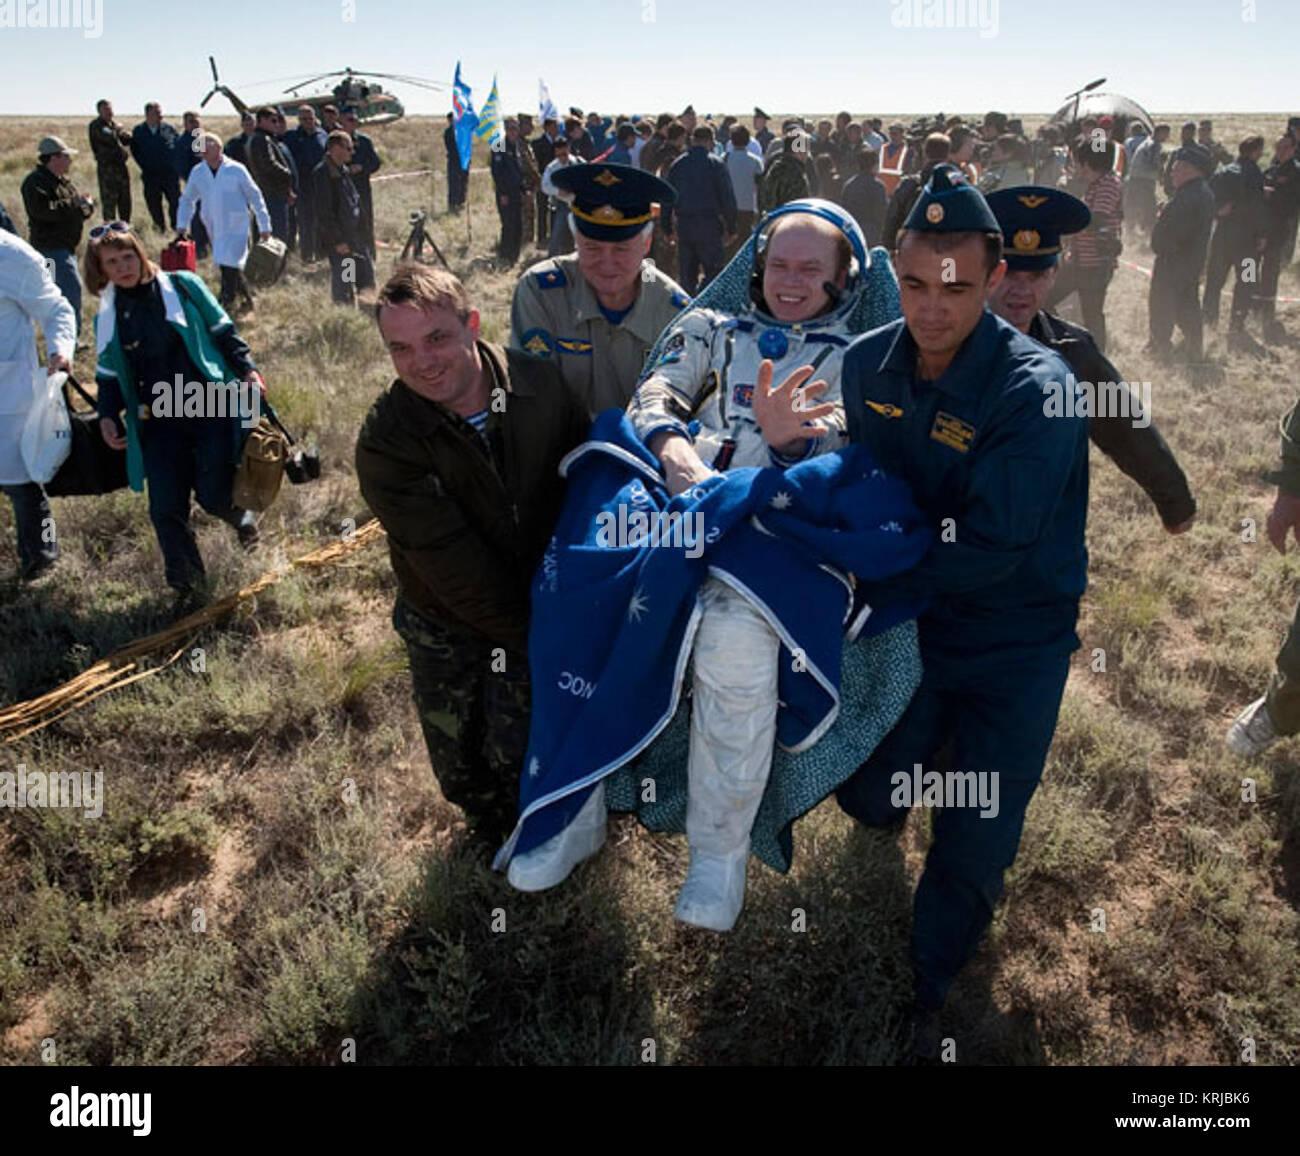 Expedition 23 comandante Oleg Kotov è portato in una sedia al medico tenda ad appena pochi minuti dopo che Immagini Stock